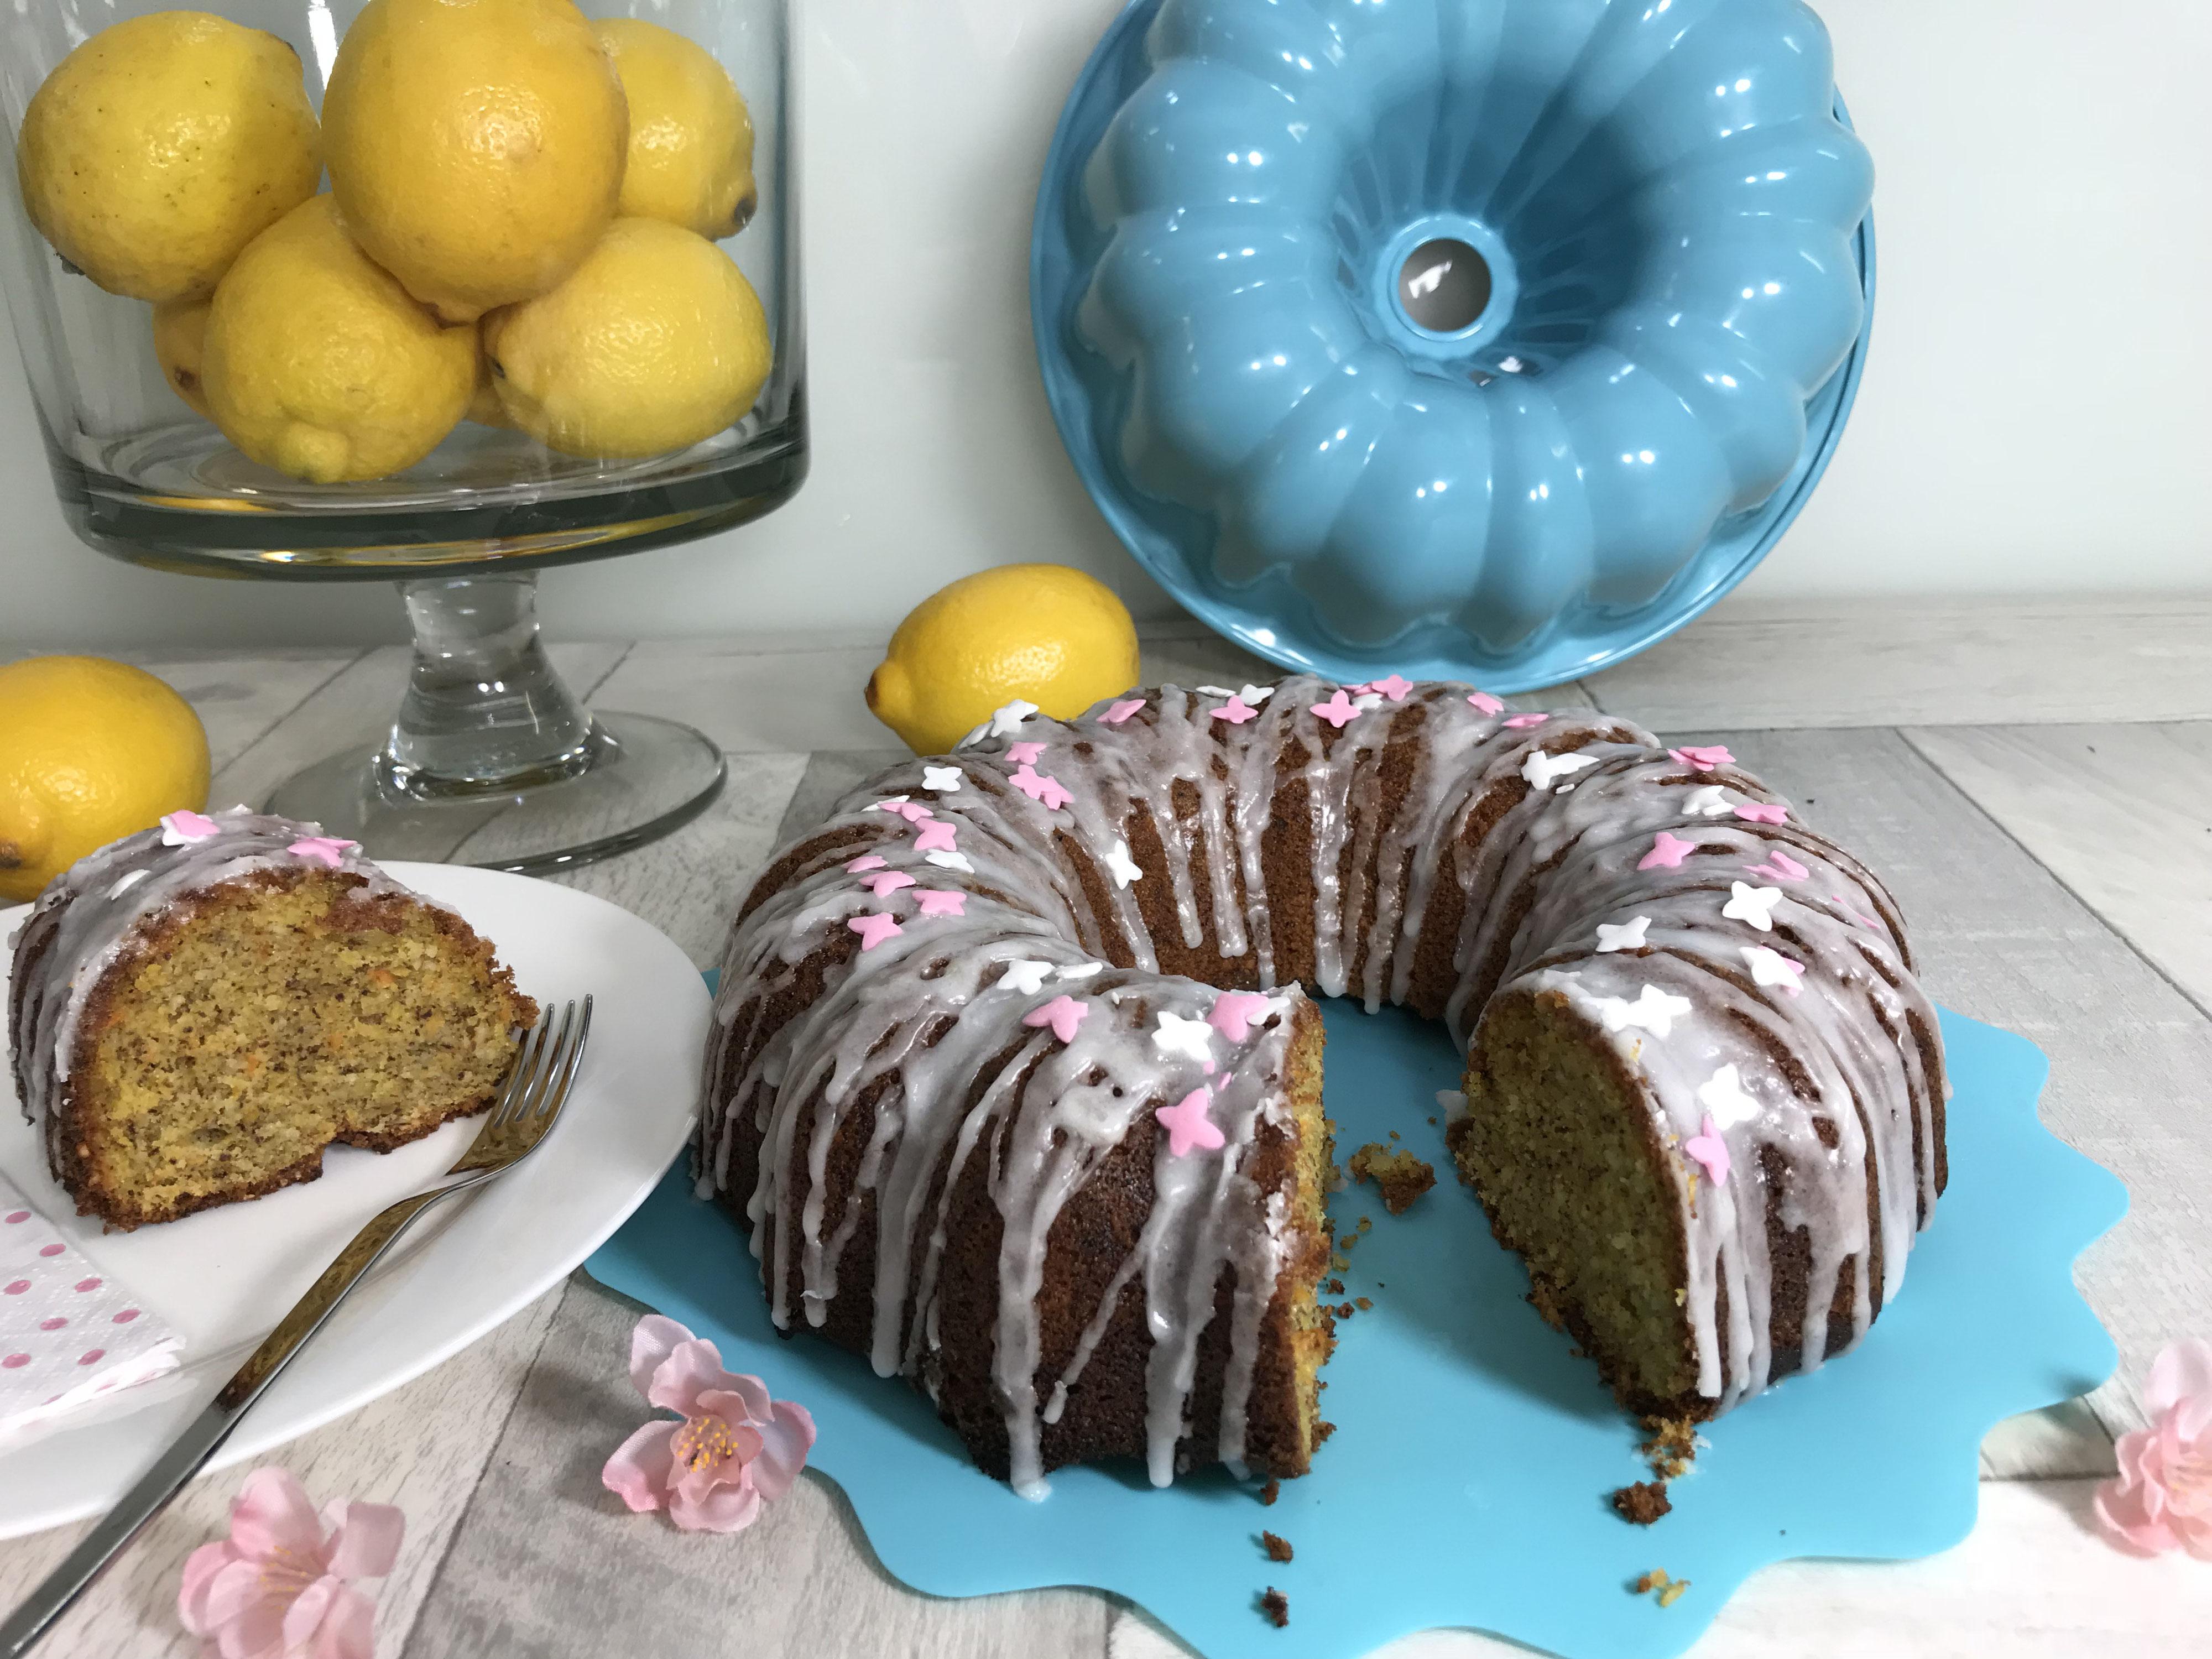 Möhrli Kuchen aus der Kranz/Gugelhupf Form von Pampered Chef